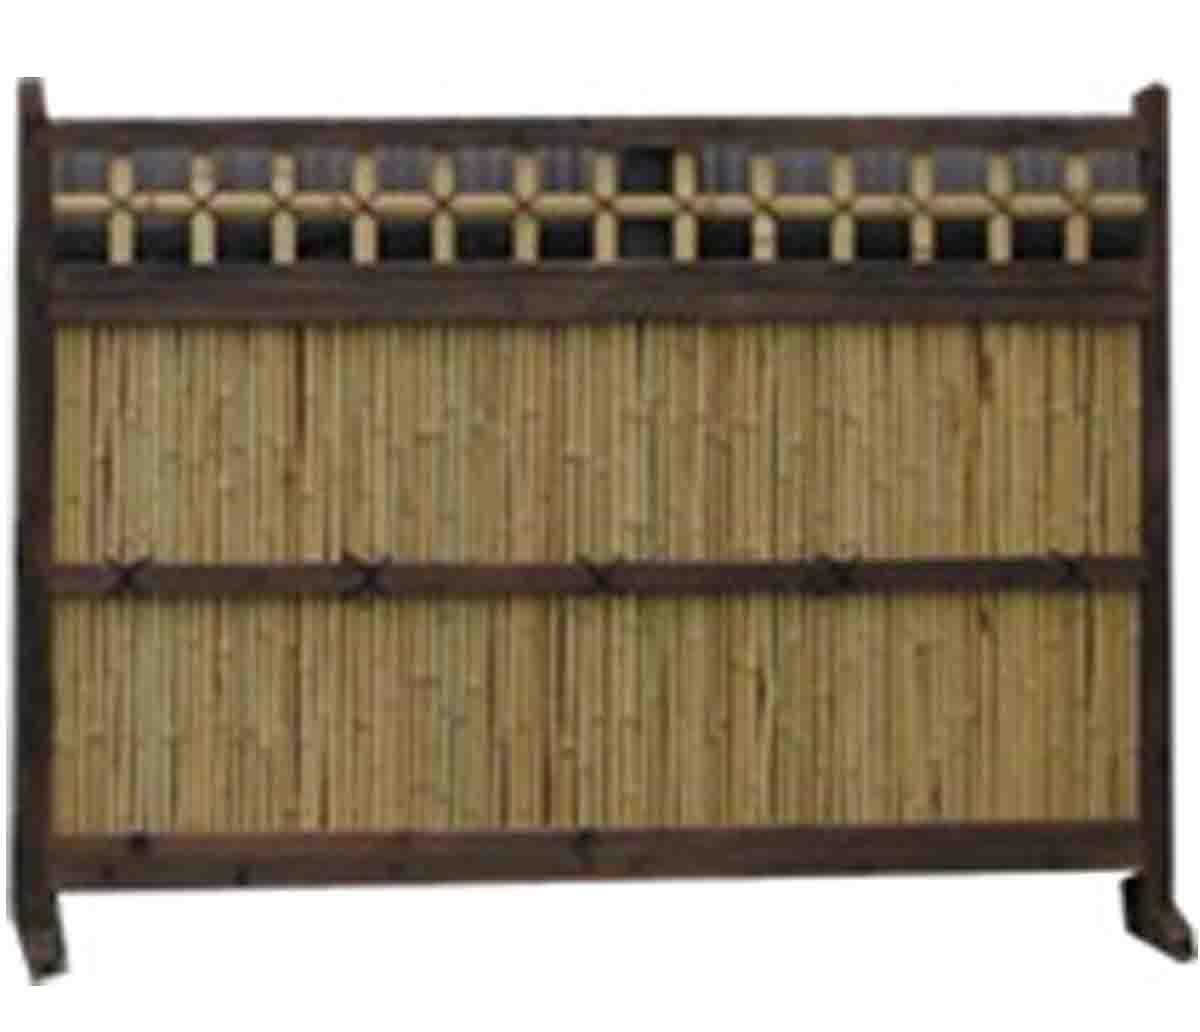 竹垣袖垣 お庭を和風に演出 竹垣((幅165cm×高さ120cm))※メーカー直送 B00JQRIEJM 16800